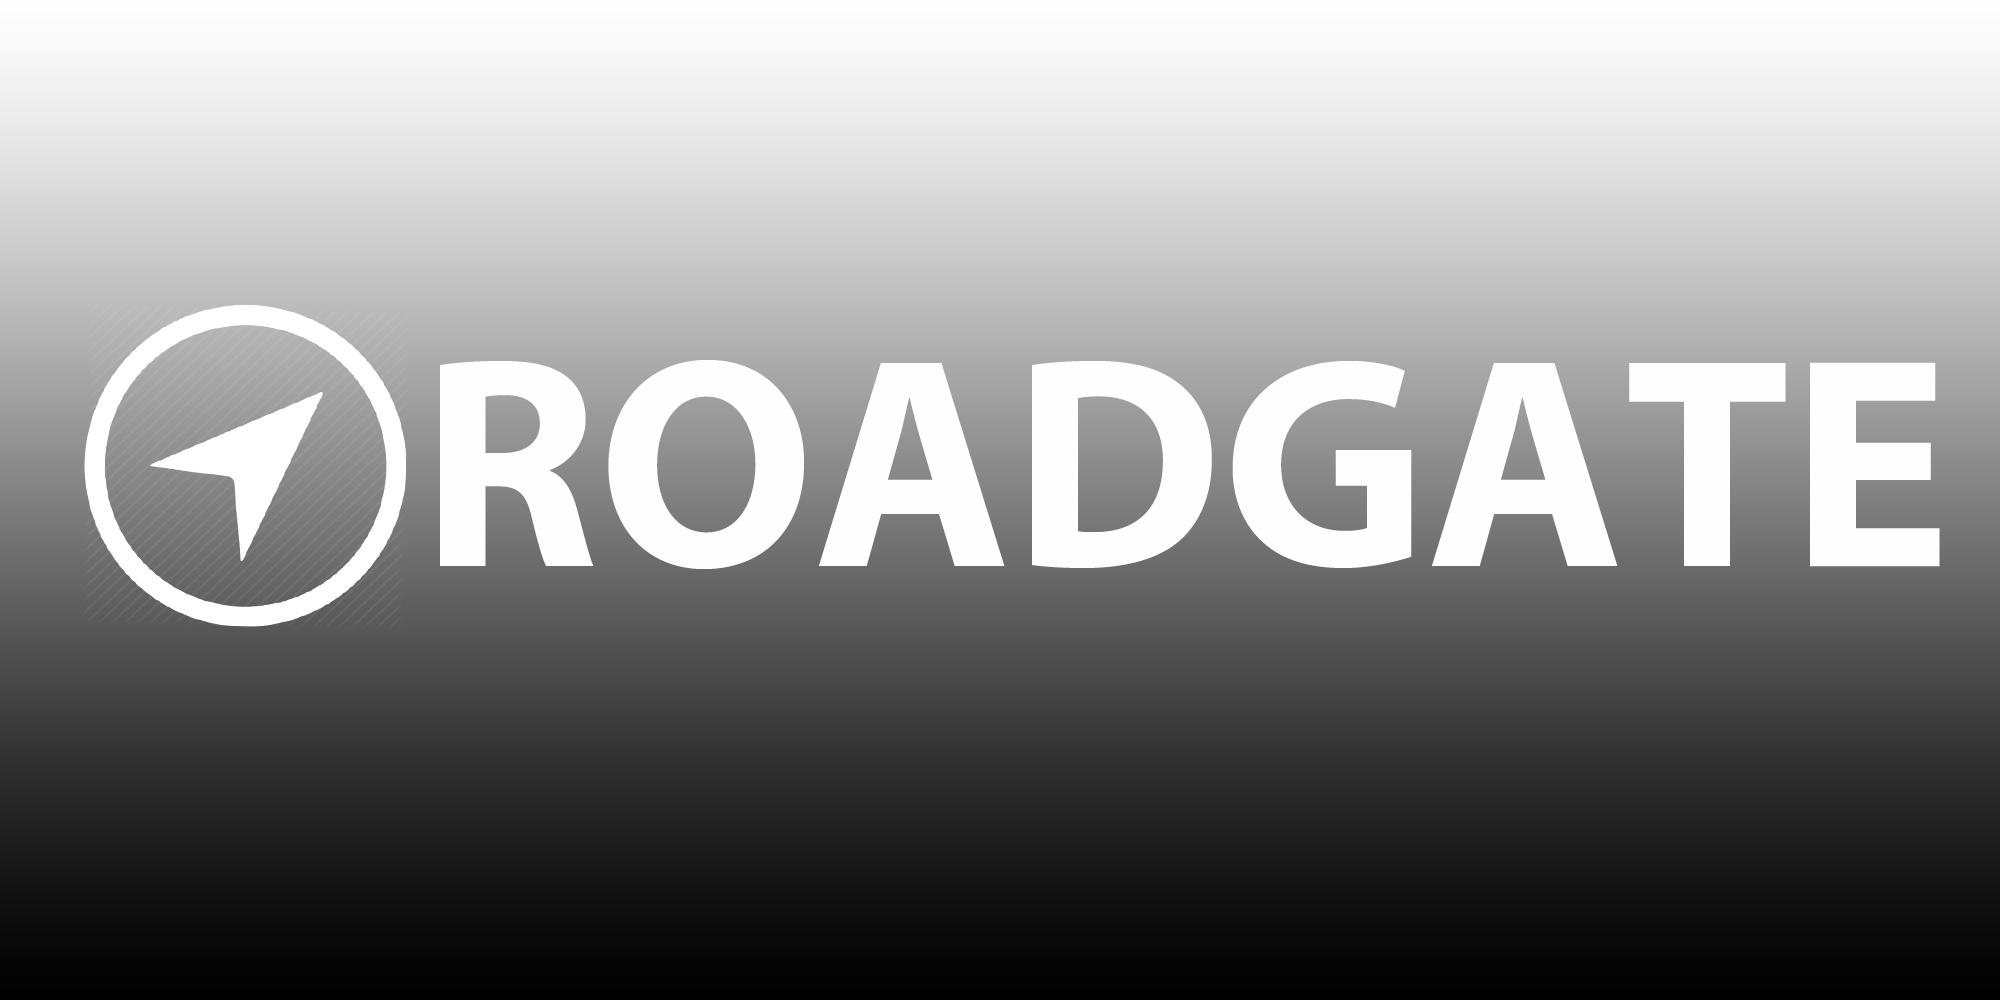 Roadgate